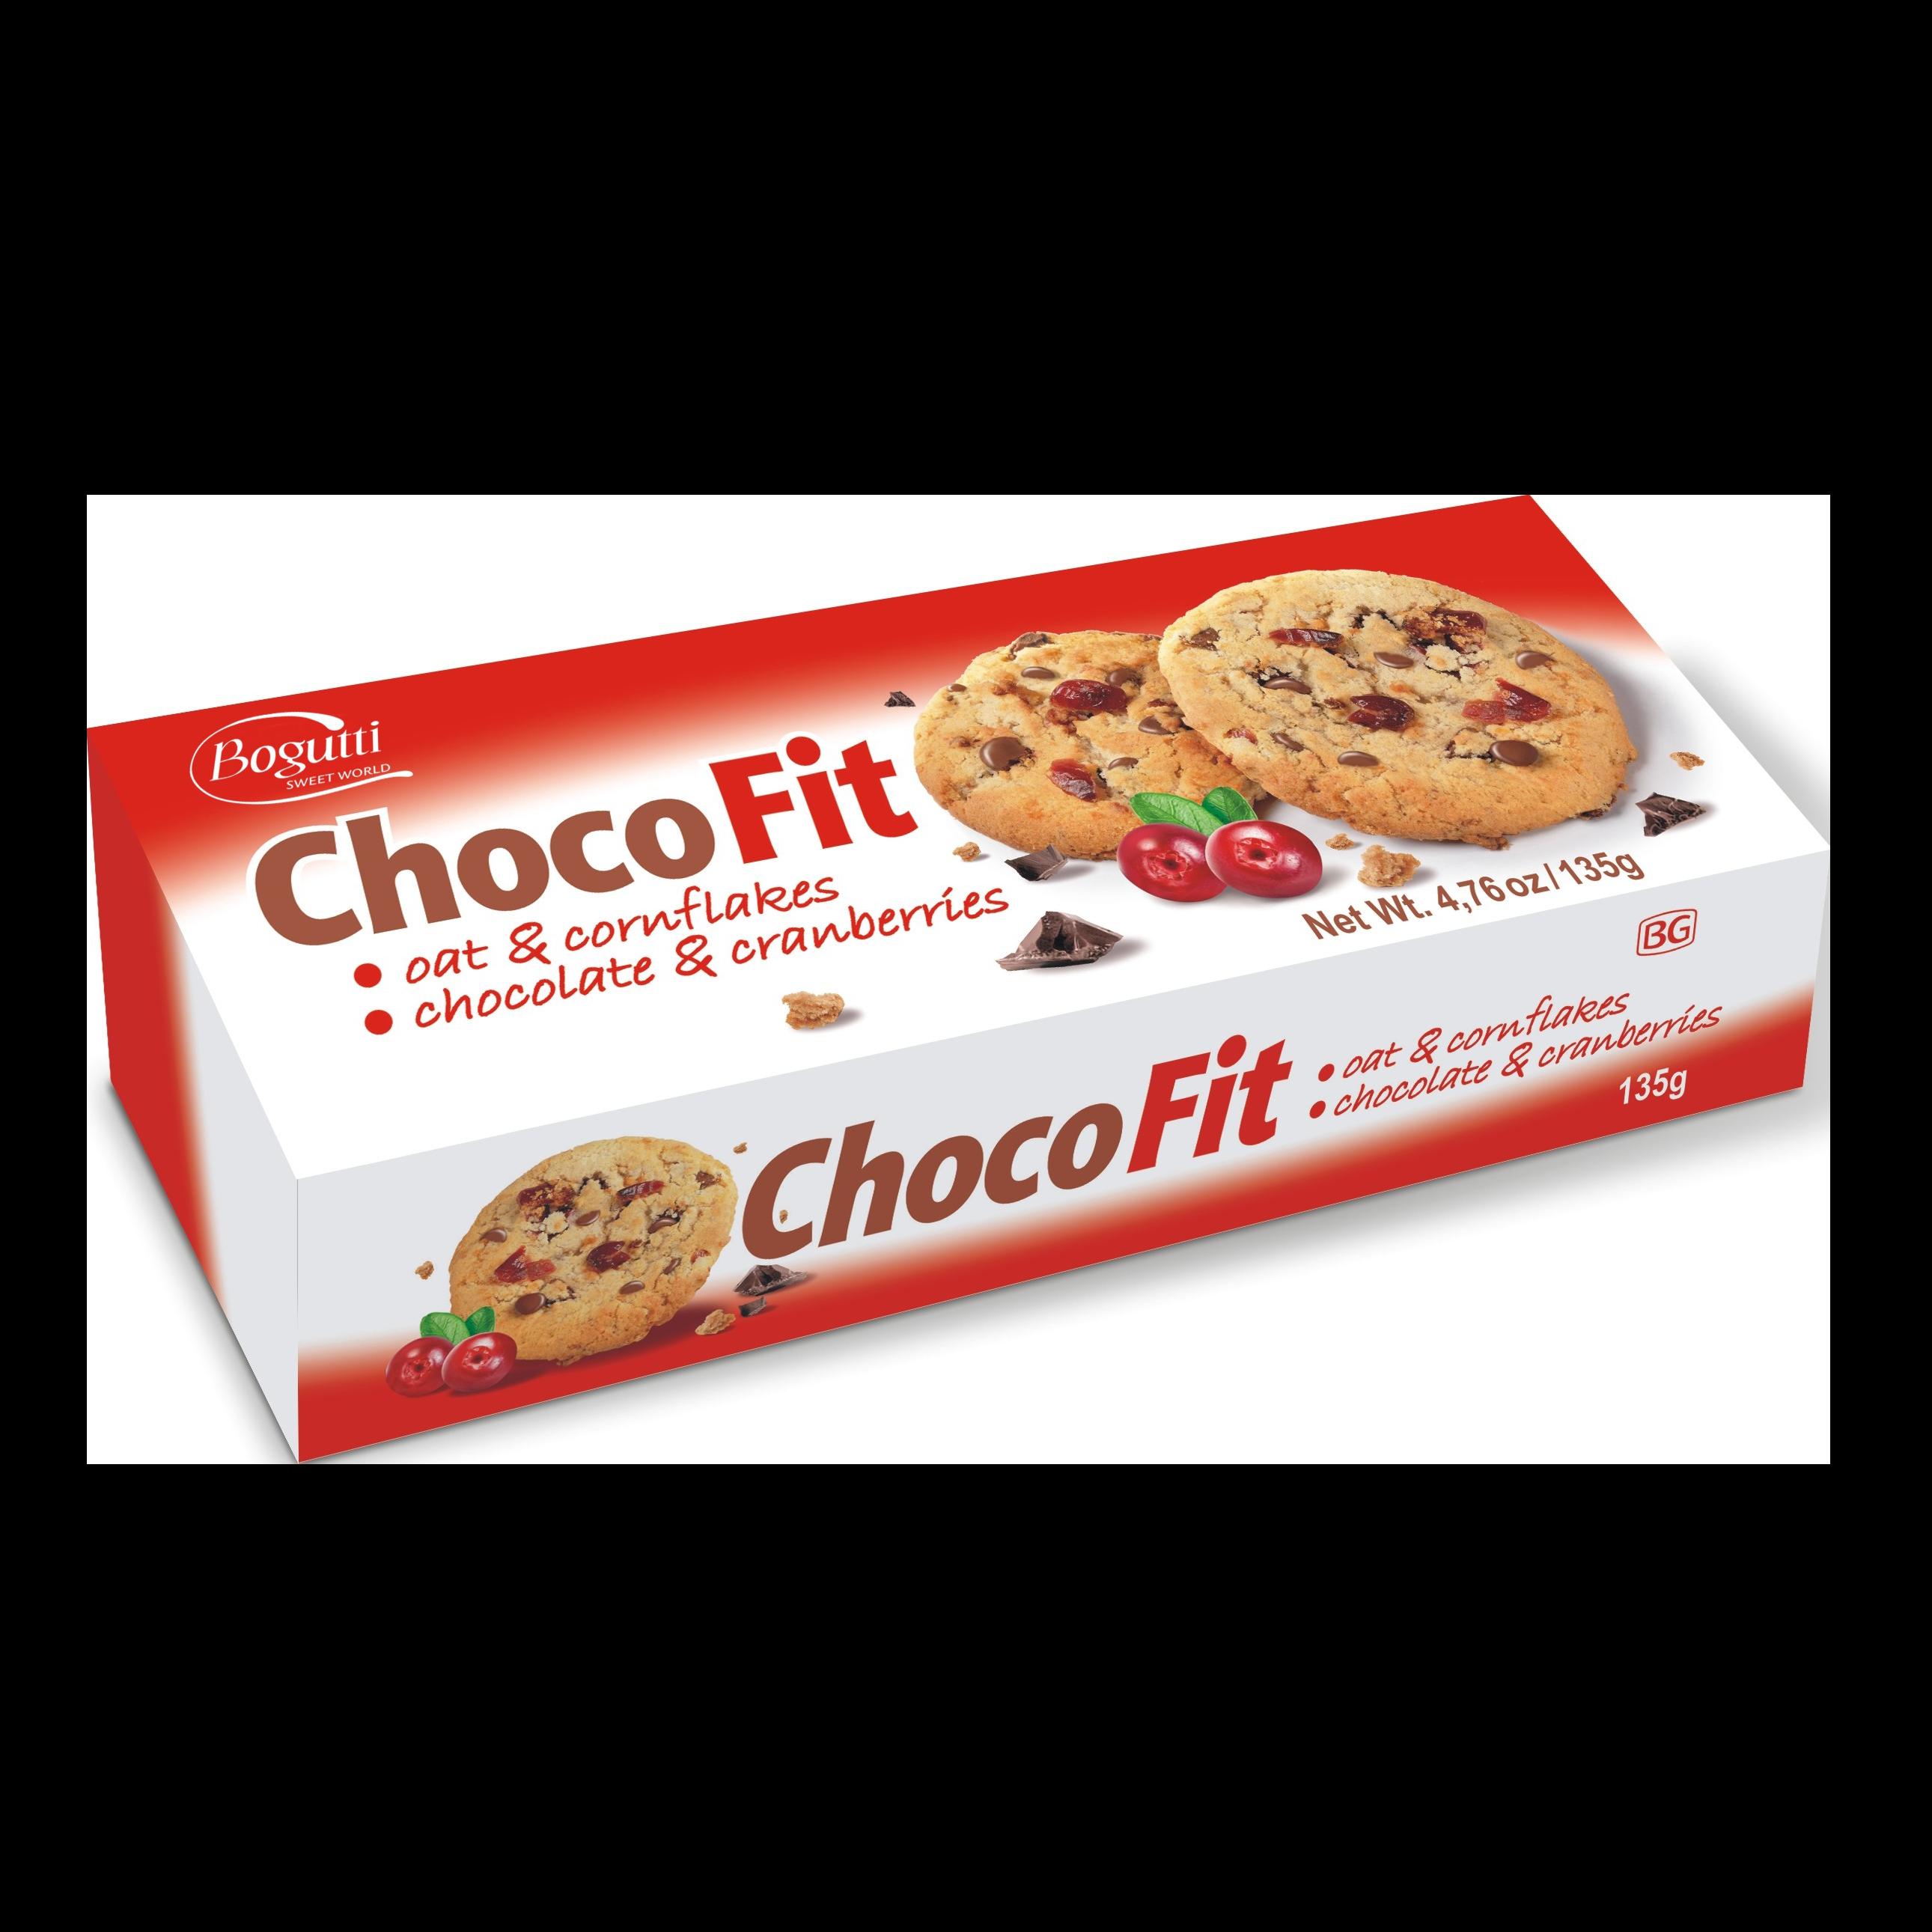 Choco Fit – Kruche ciasteczka z płatkami owsianymi, kukurydzianymi, czekoladą i żurawiną